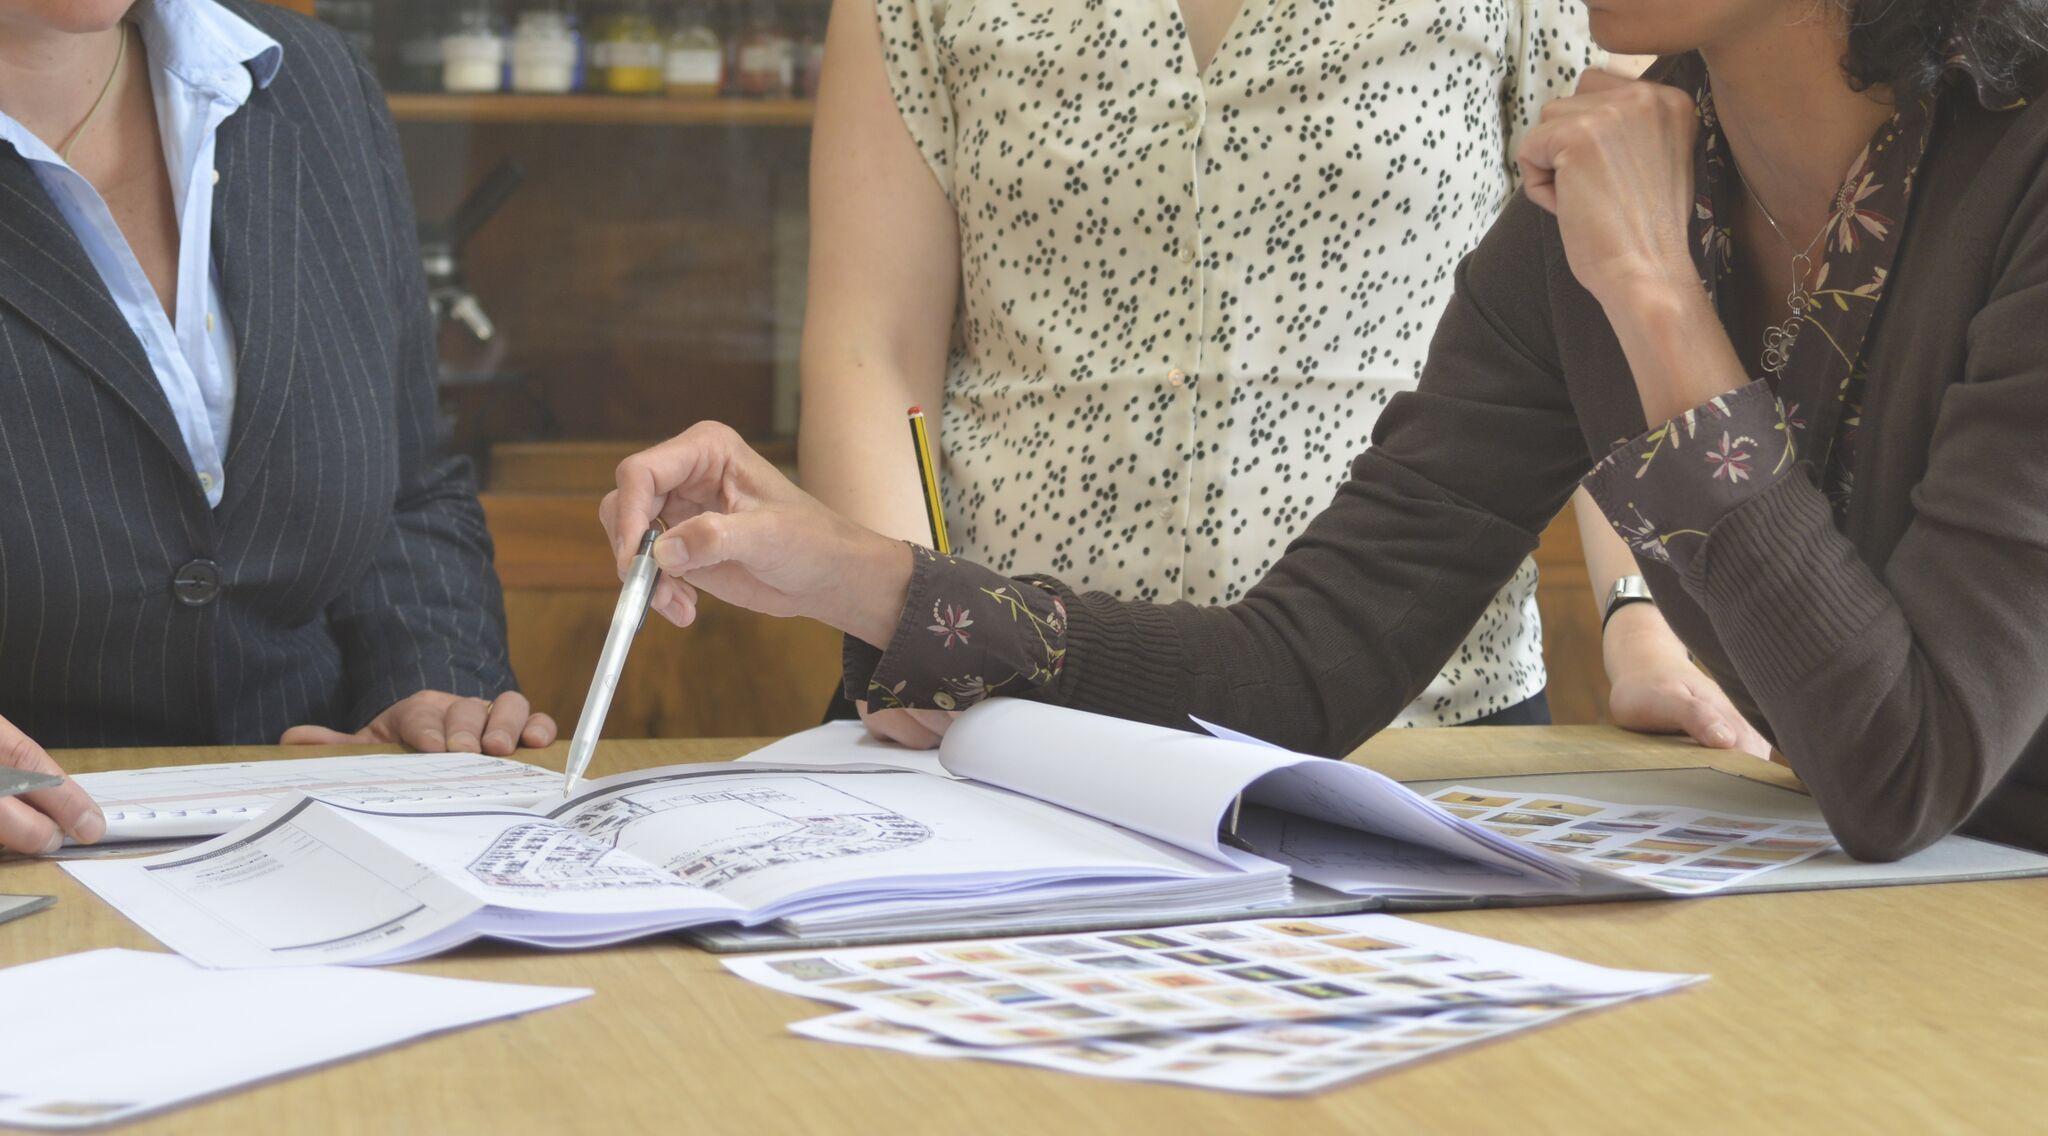 Das Aufgabenspektrum der selbstständigen Freiberufler umfasst nicht nur praktische Konservierungs- und Restaurierungsleistungen, sondern auch Fachplanung und Dokumentation. Foto: Müller/Rieß/Welther